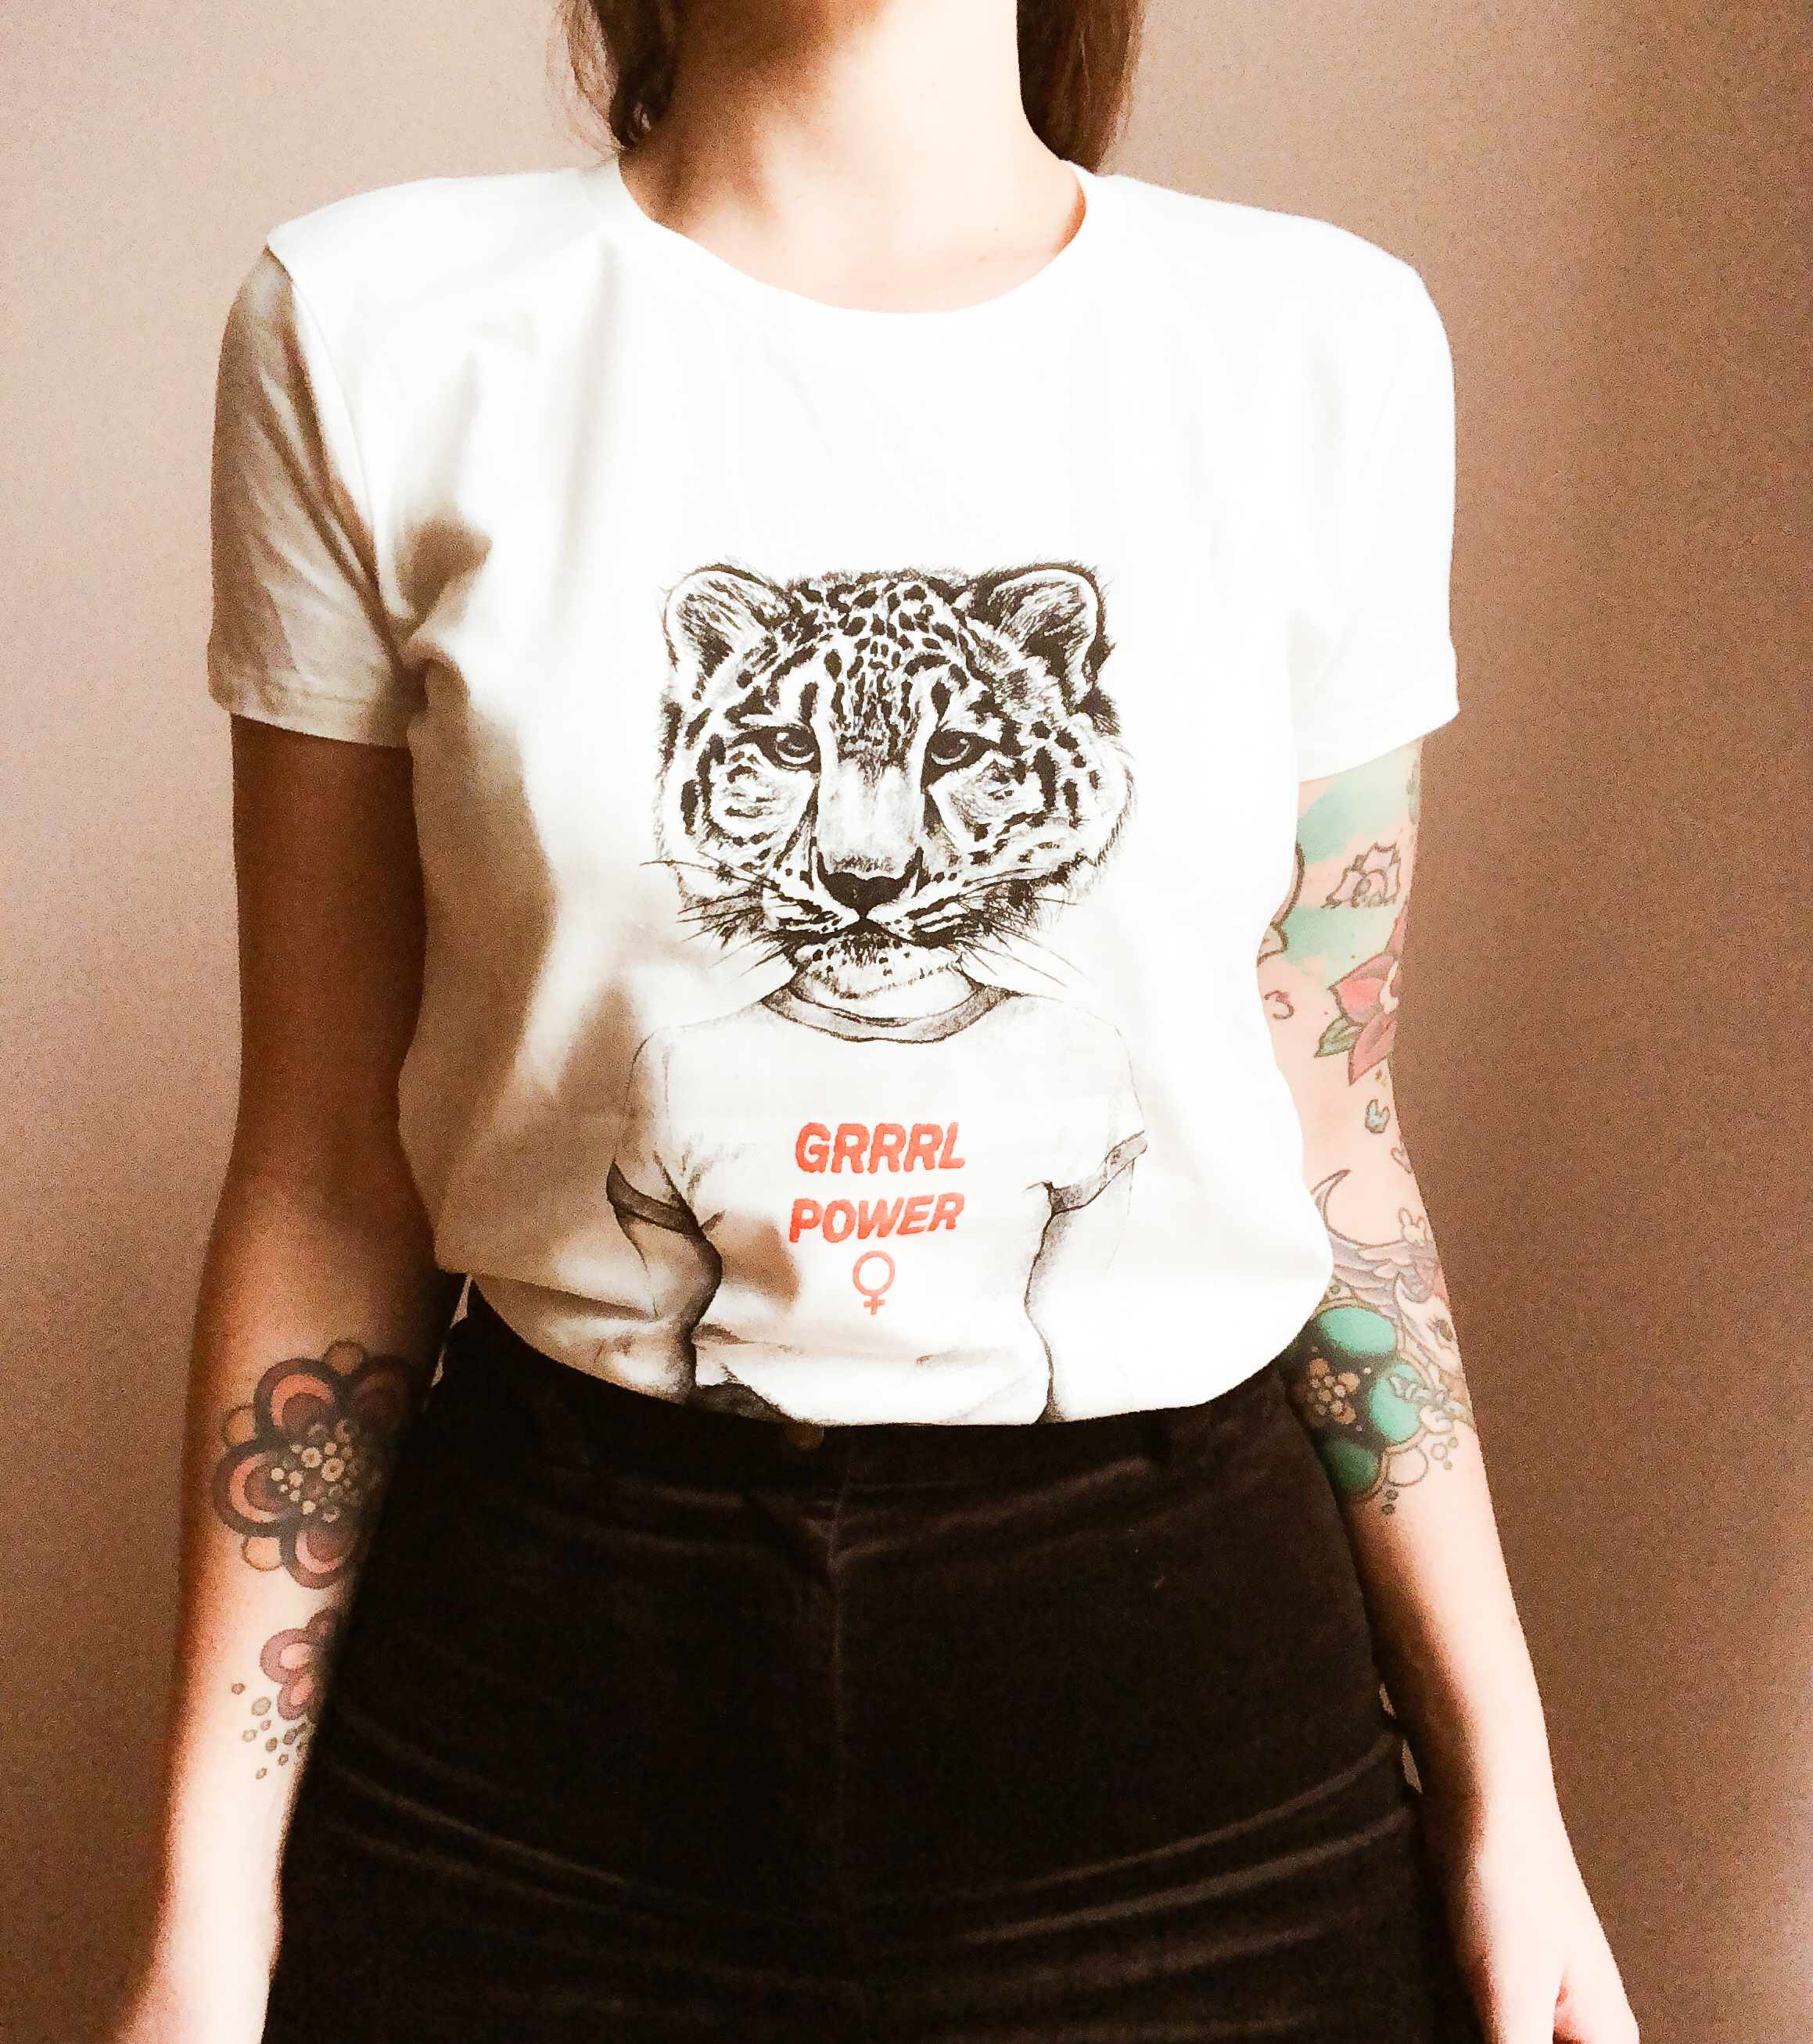 Girrrlpower t-shirt